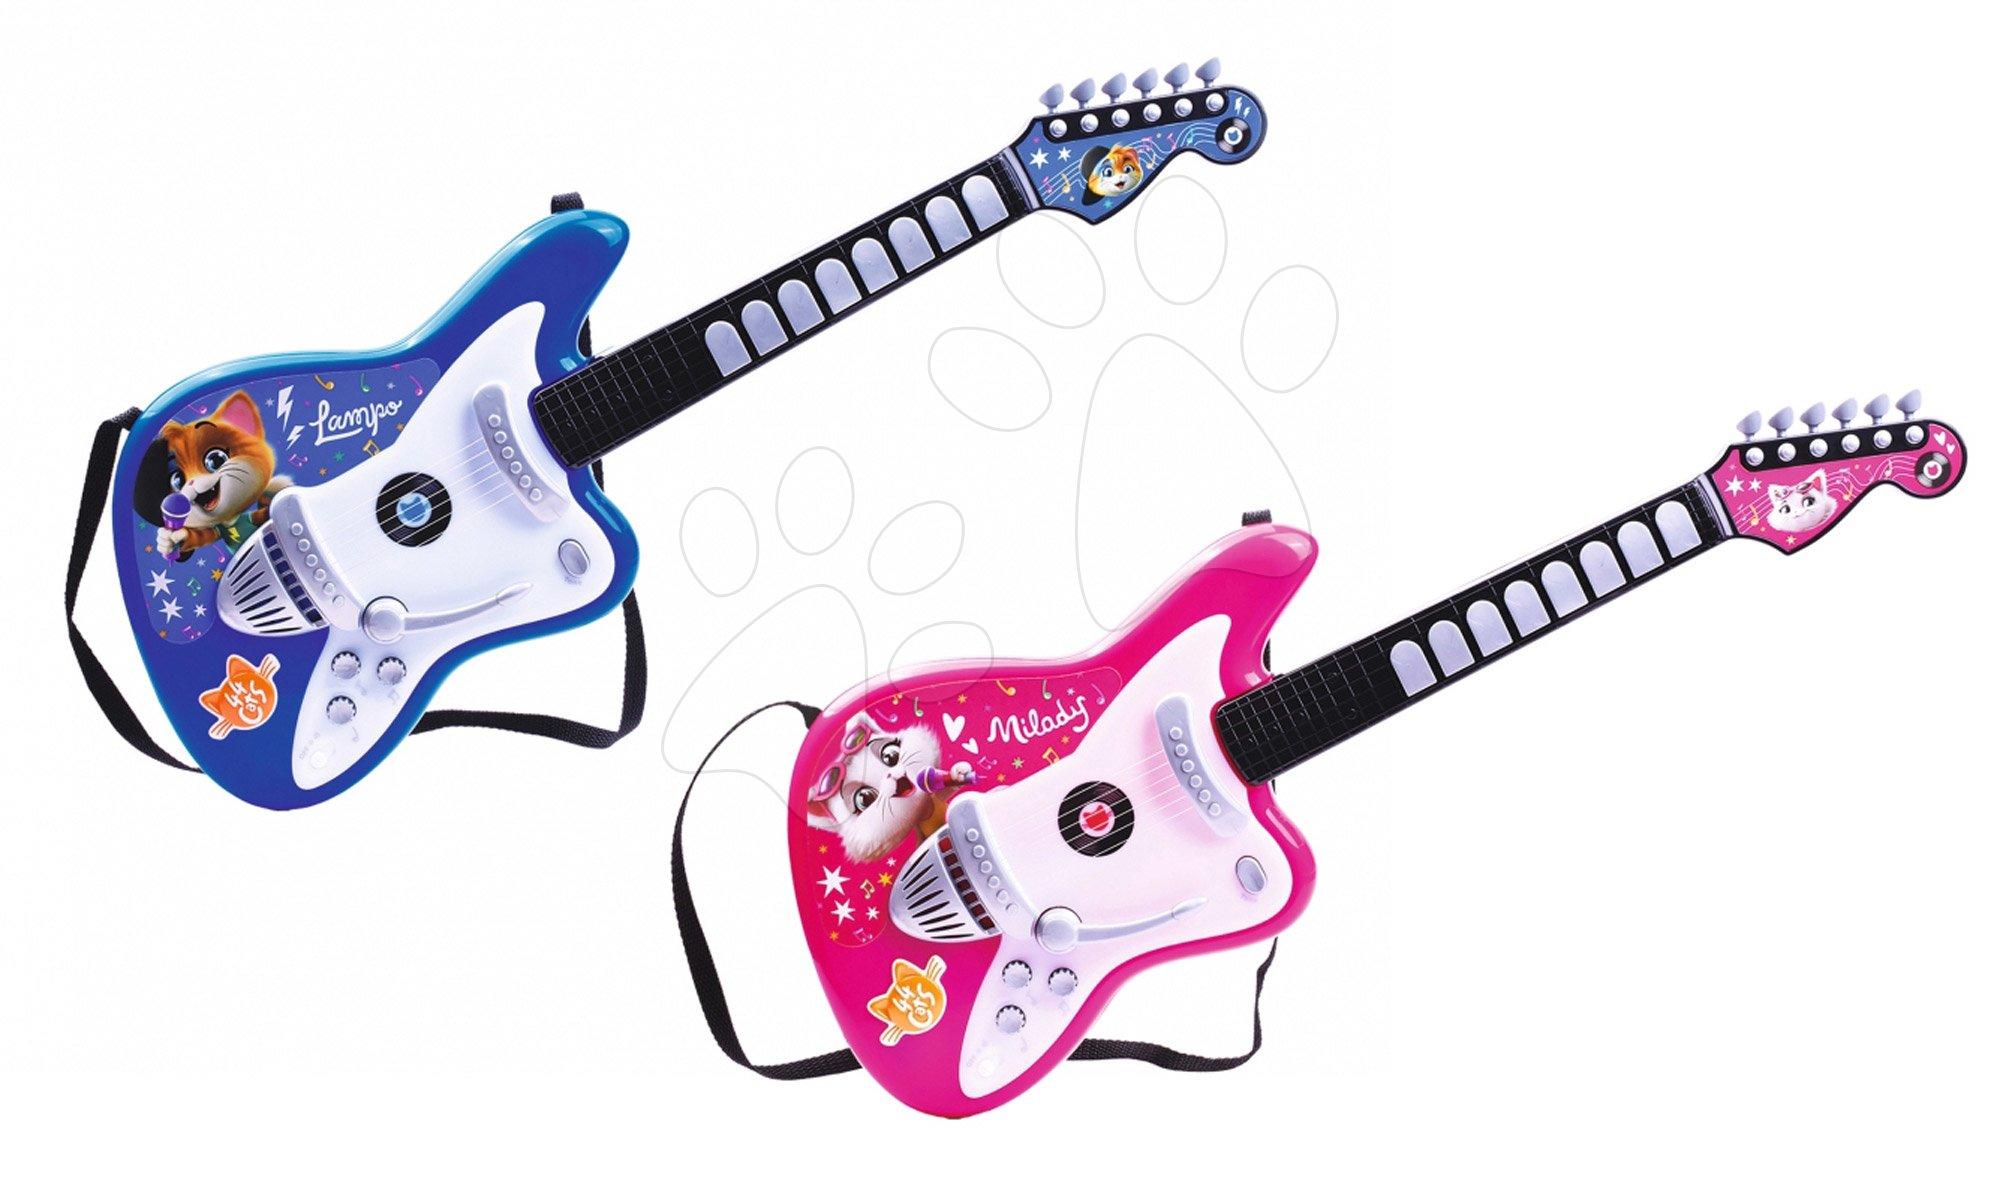 Dětské hudební nástroje - Set kytary a baskytary 44 Cats Smoby modrá a růžová s množstvím světelných a zvukových funkcí od 5 let